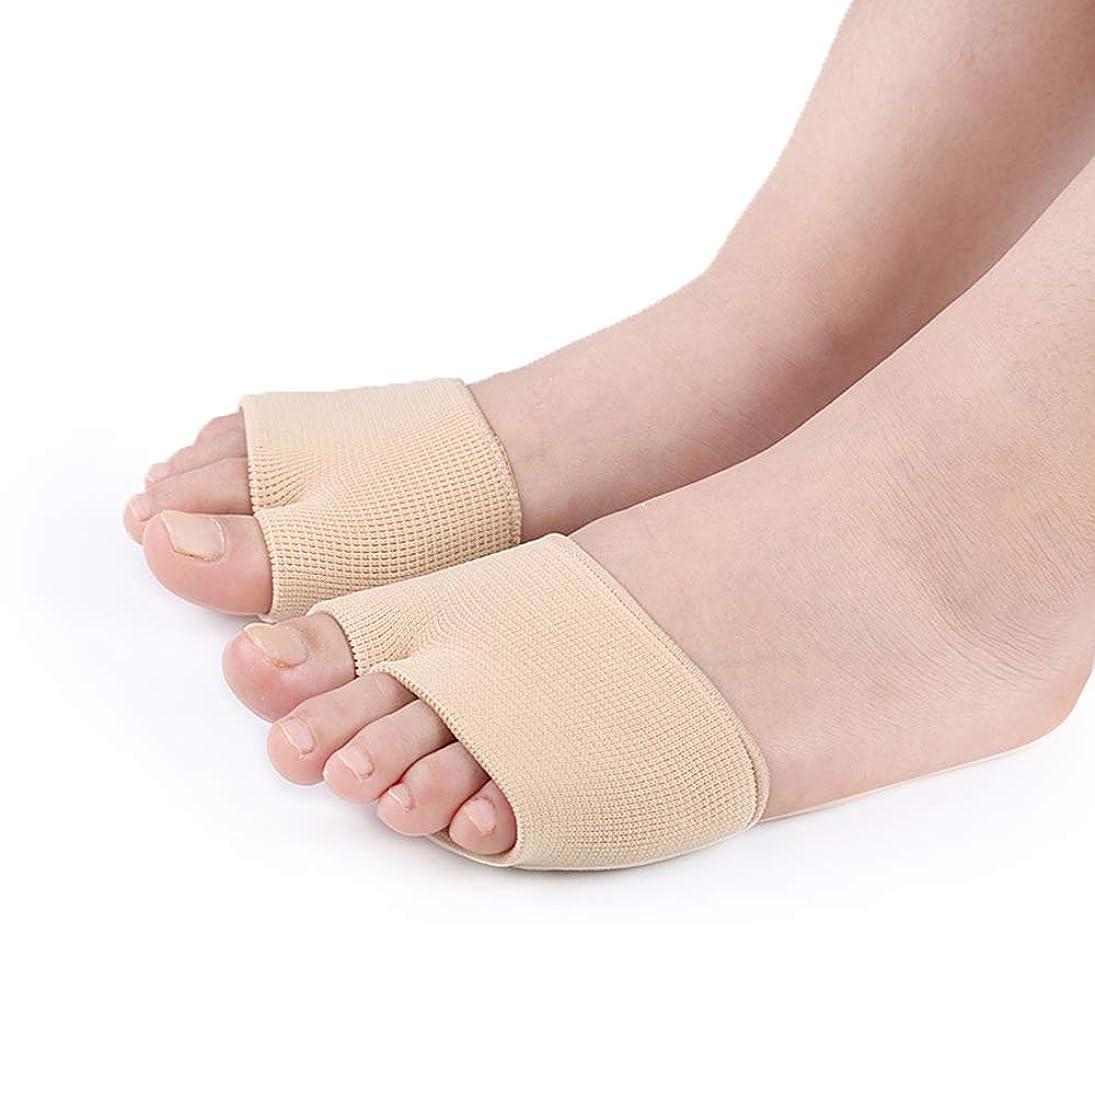 漂流異邦人酸化するつま先矯正靴下ケアつま先防止重複伸縮性高減衰ダンピング吸収汗通気性ナイロン布SEBS,5pairs,S